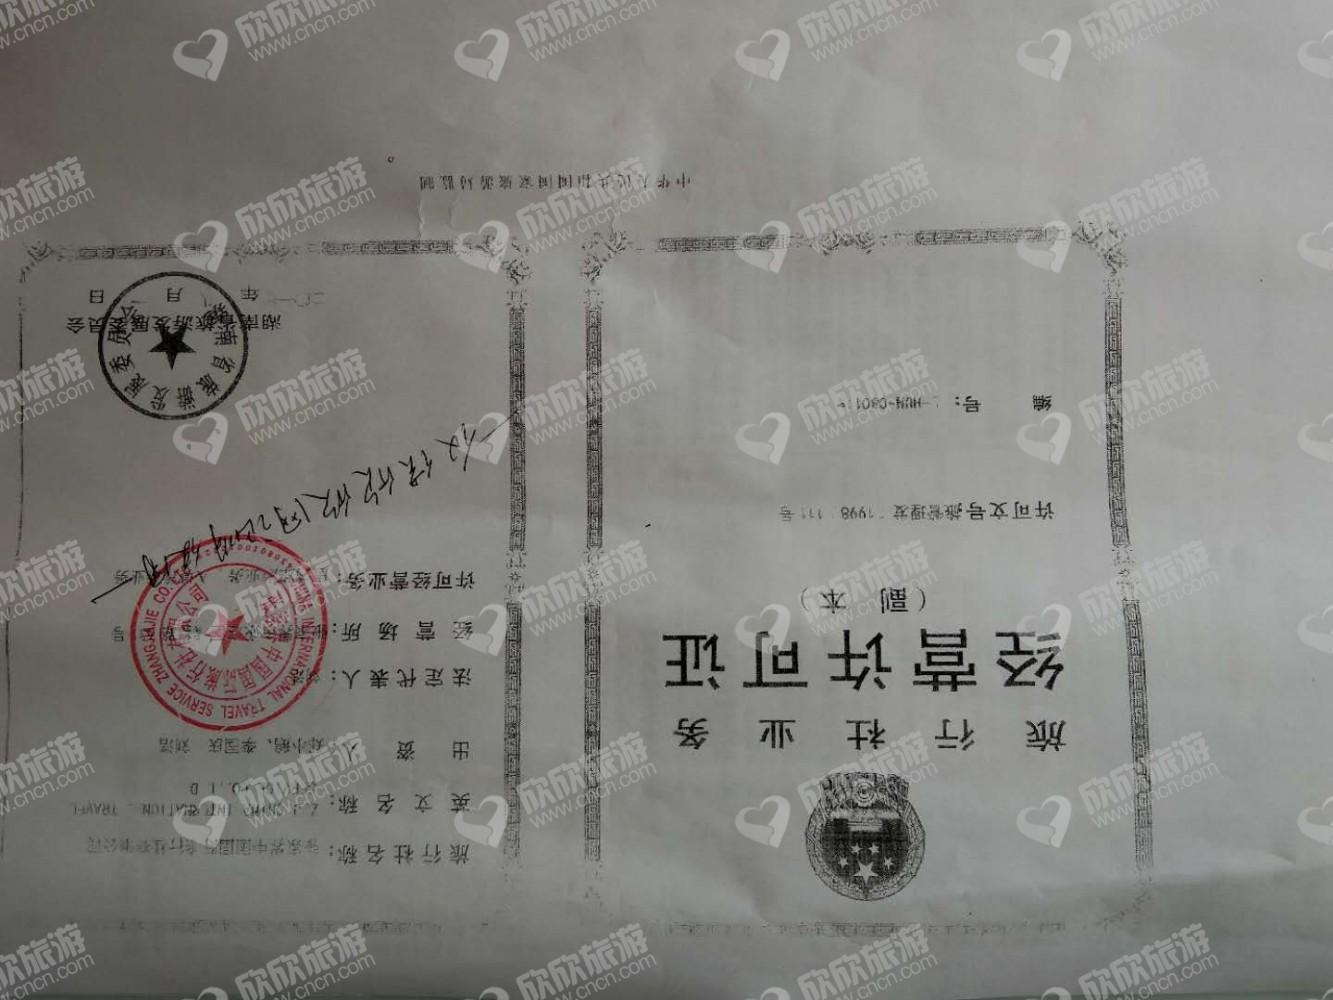 张家界中国国际旅行社有限公司经营许可证